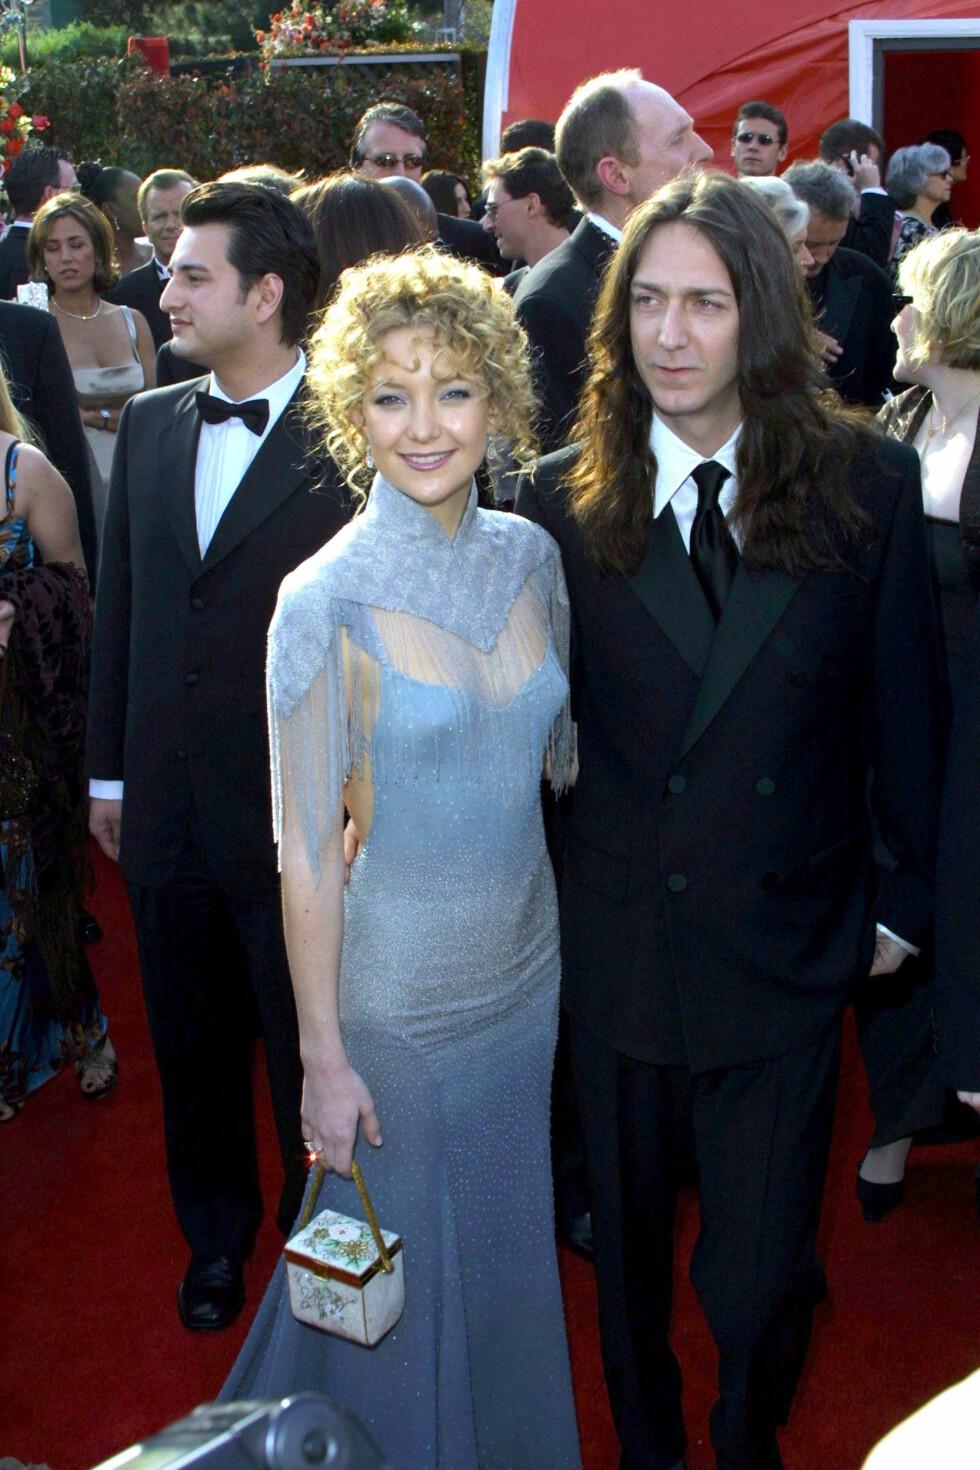 I 2001: Det ble altfor mye da Kate Hudson iførte seg denne kjolen fra Stella McCartney for Chloé, kombinert med krusete krøller og morsom veske. Hennes daværende ektemann, Chris Robinson, safet derimot med en sort dress fra Versace. Foto: REX/All Over Press